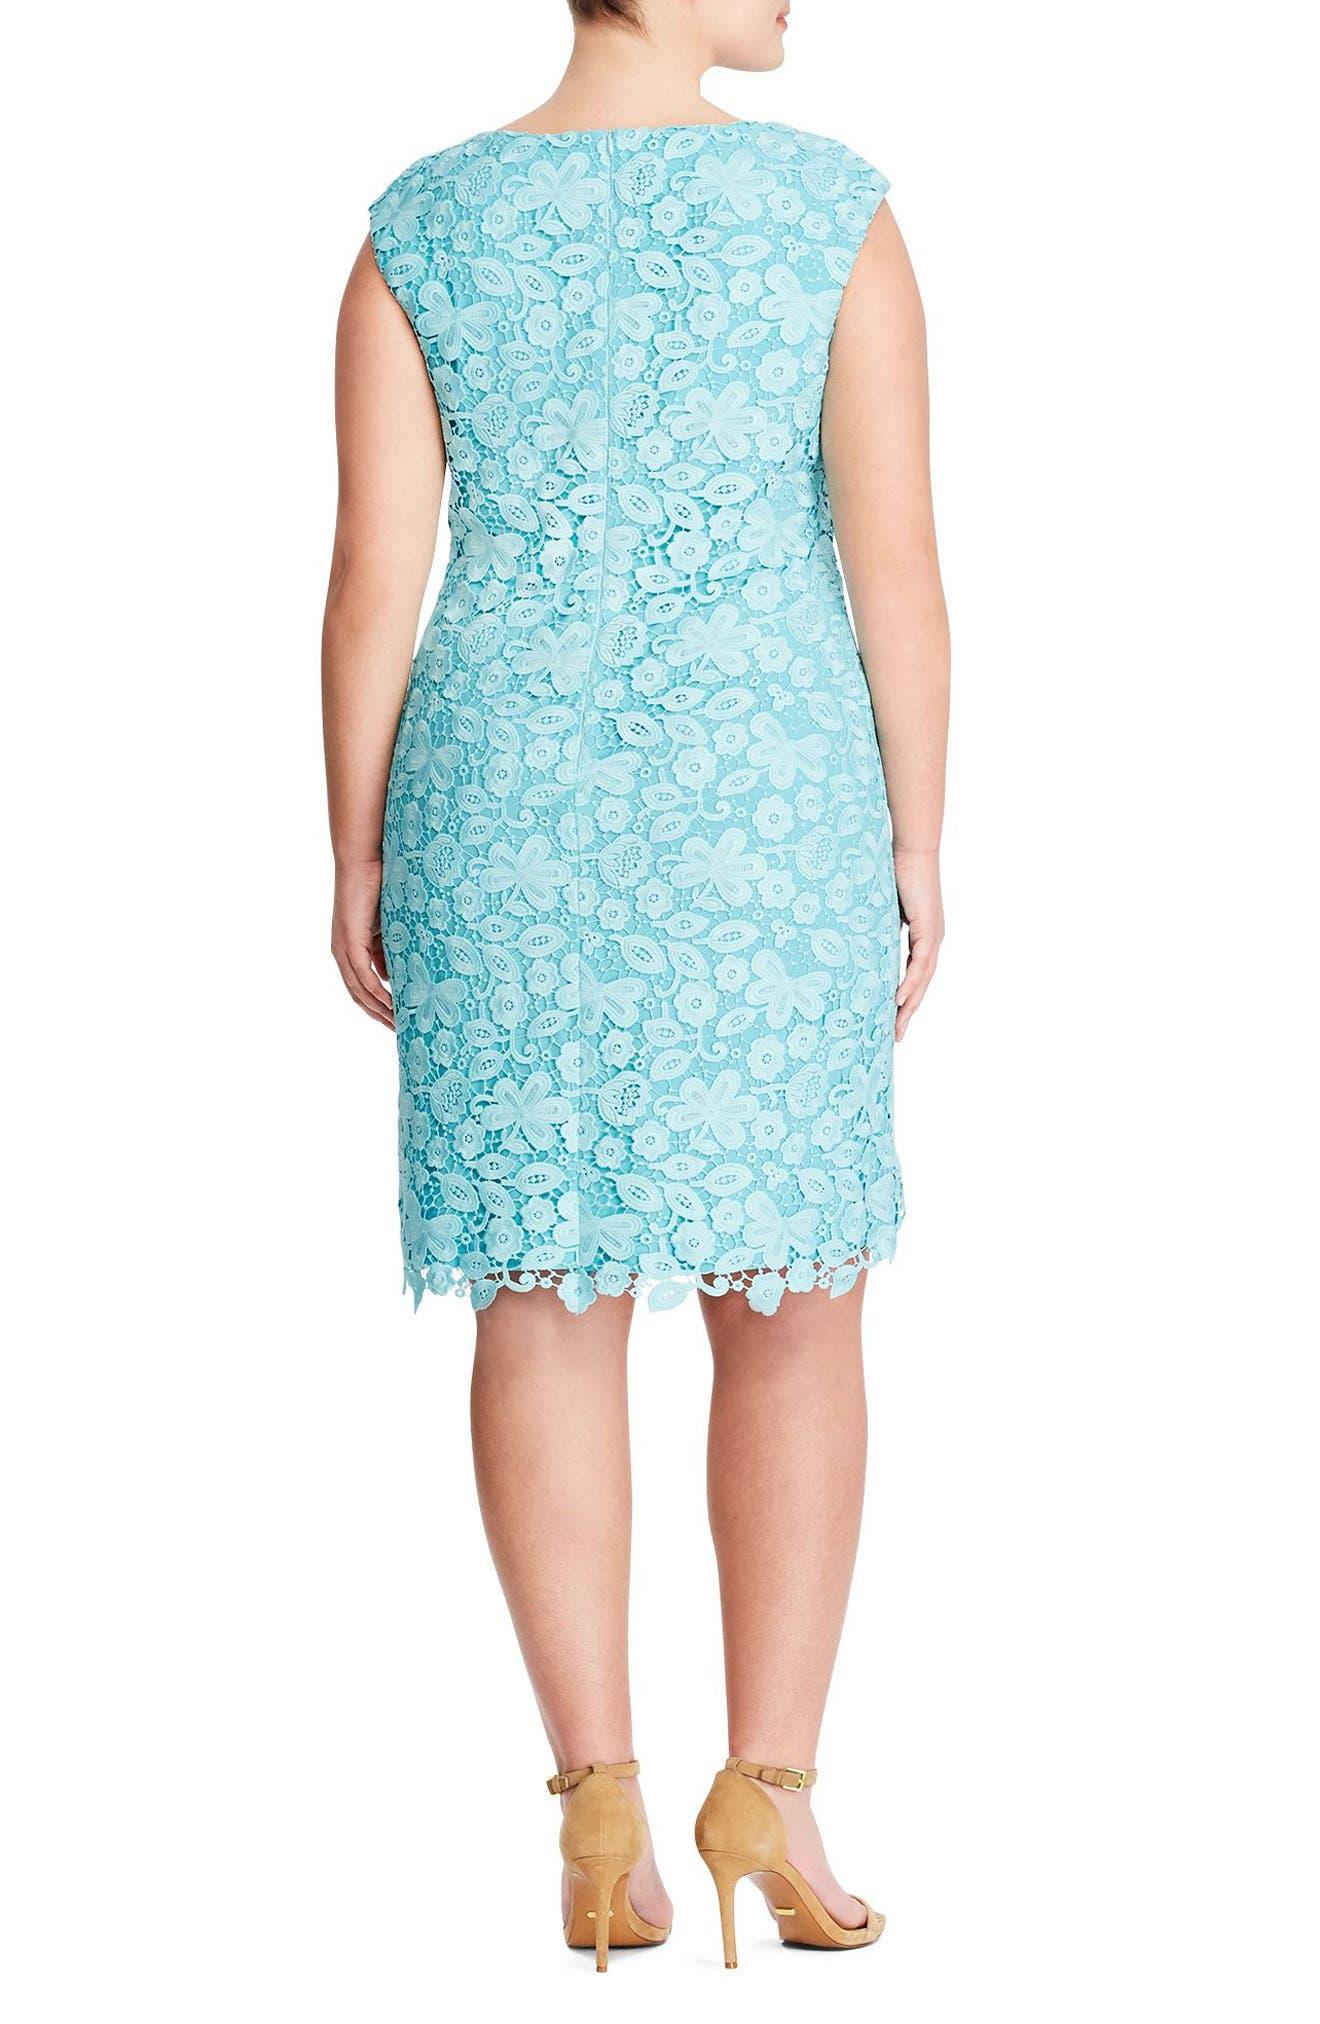 Montie Lace Sheath Dress,                             Alternate thumbnail 2, color,                             400